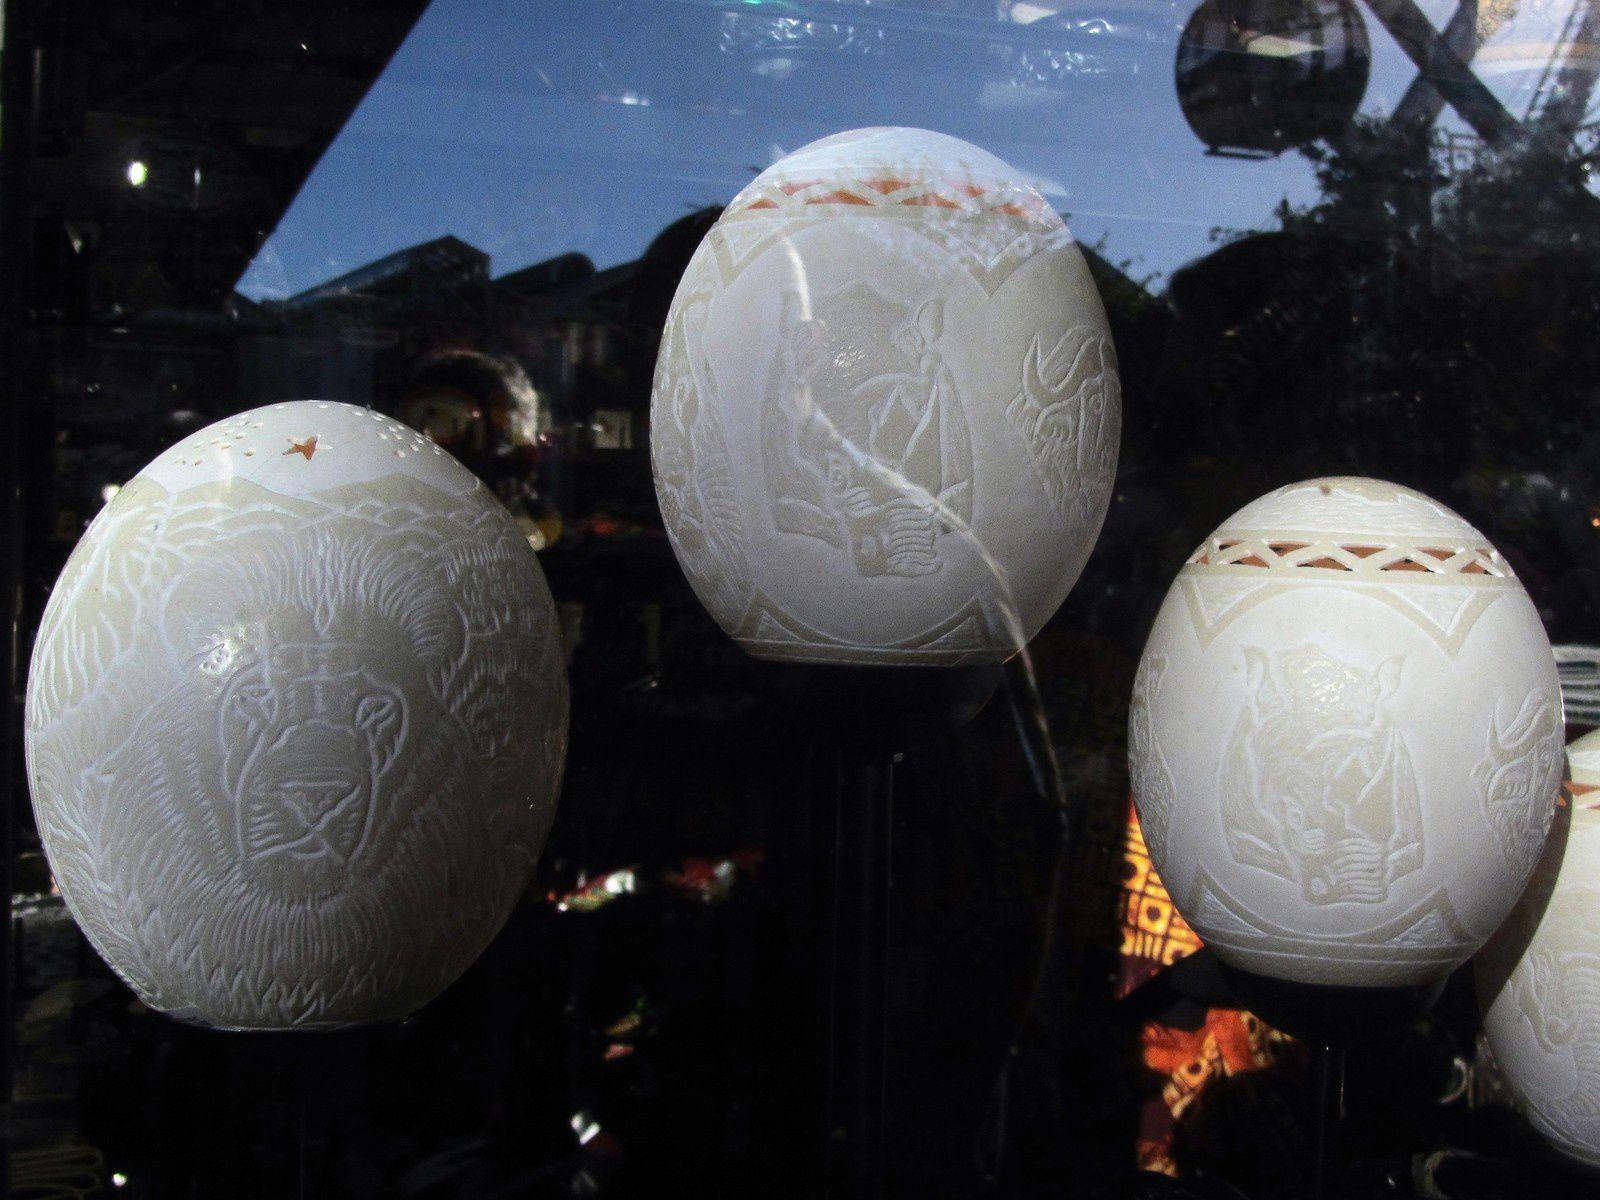 Quand à l'oeuf d'autruche, il équivaut à 20 ou 30 oeufs de poule! Il sert également à la décoration.